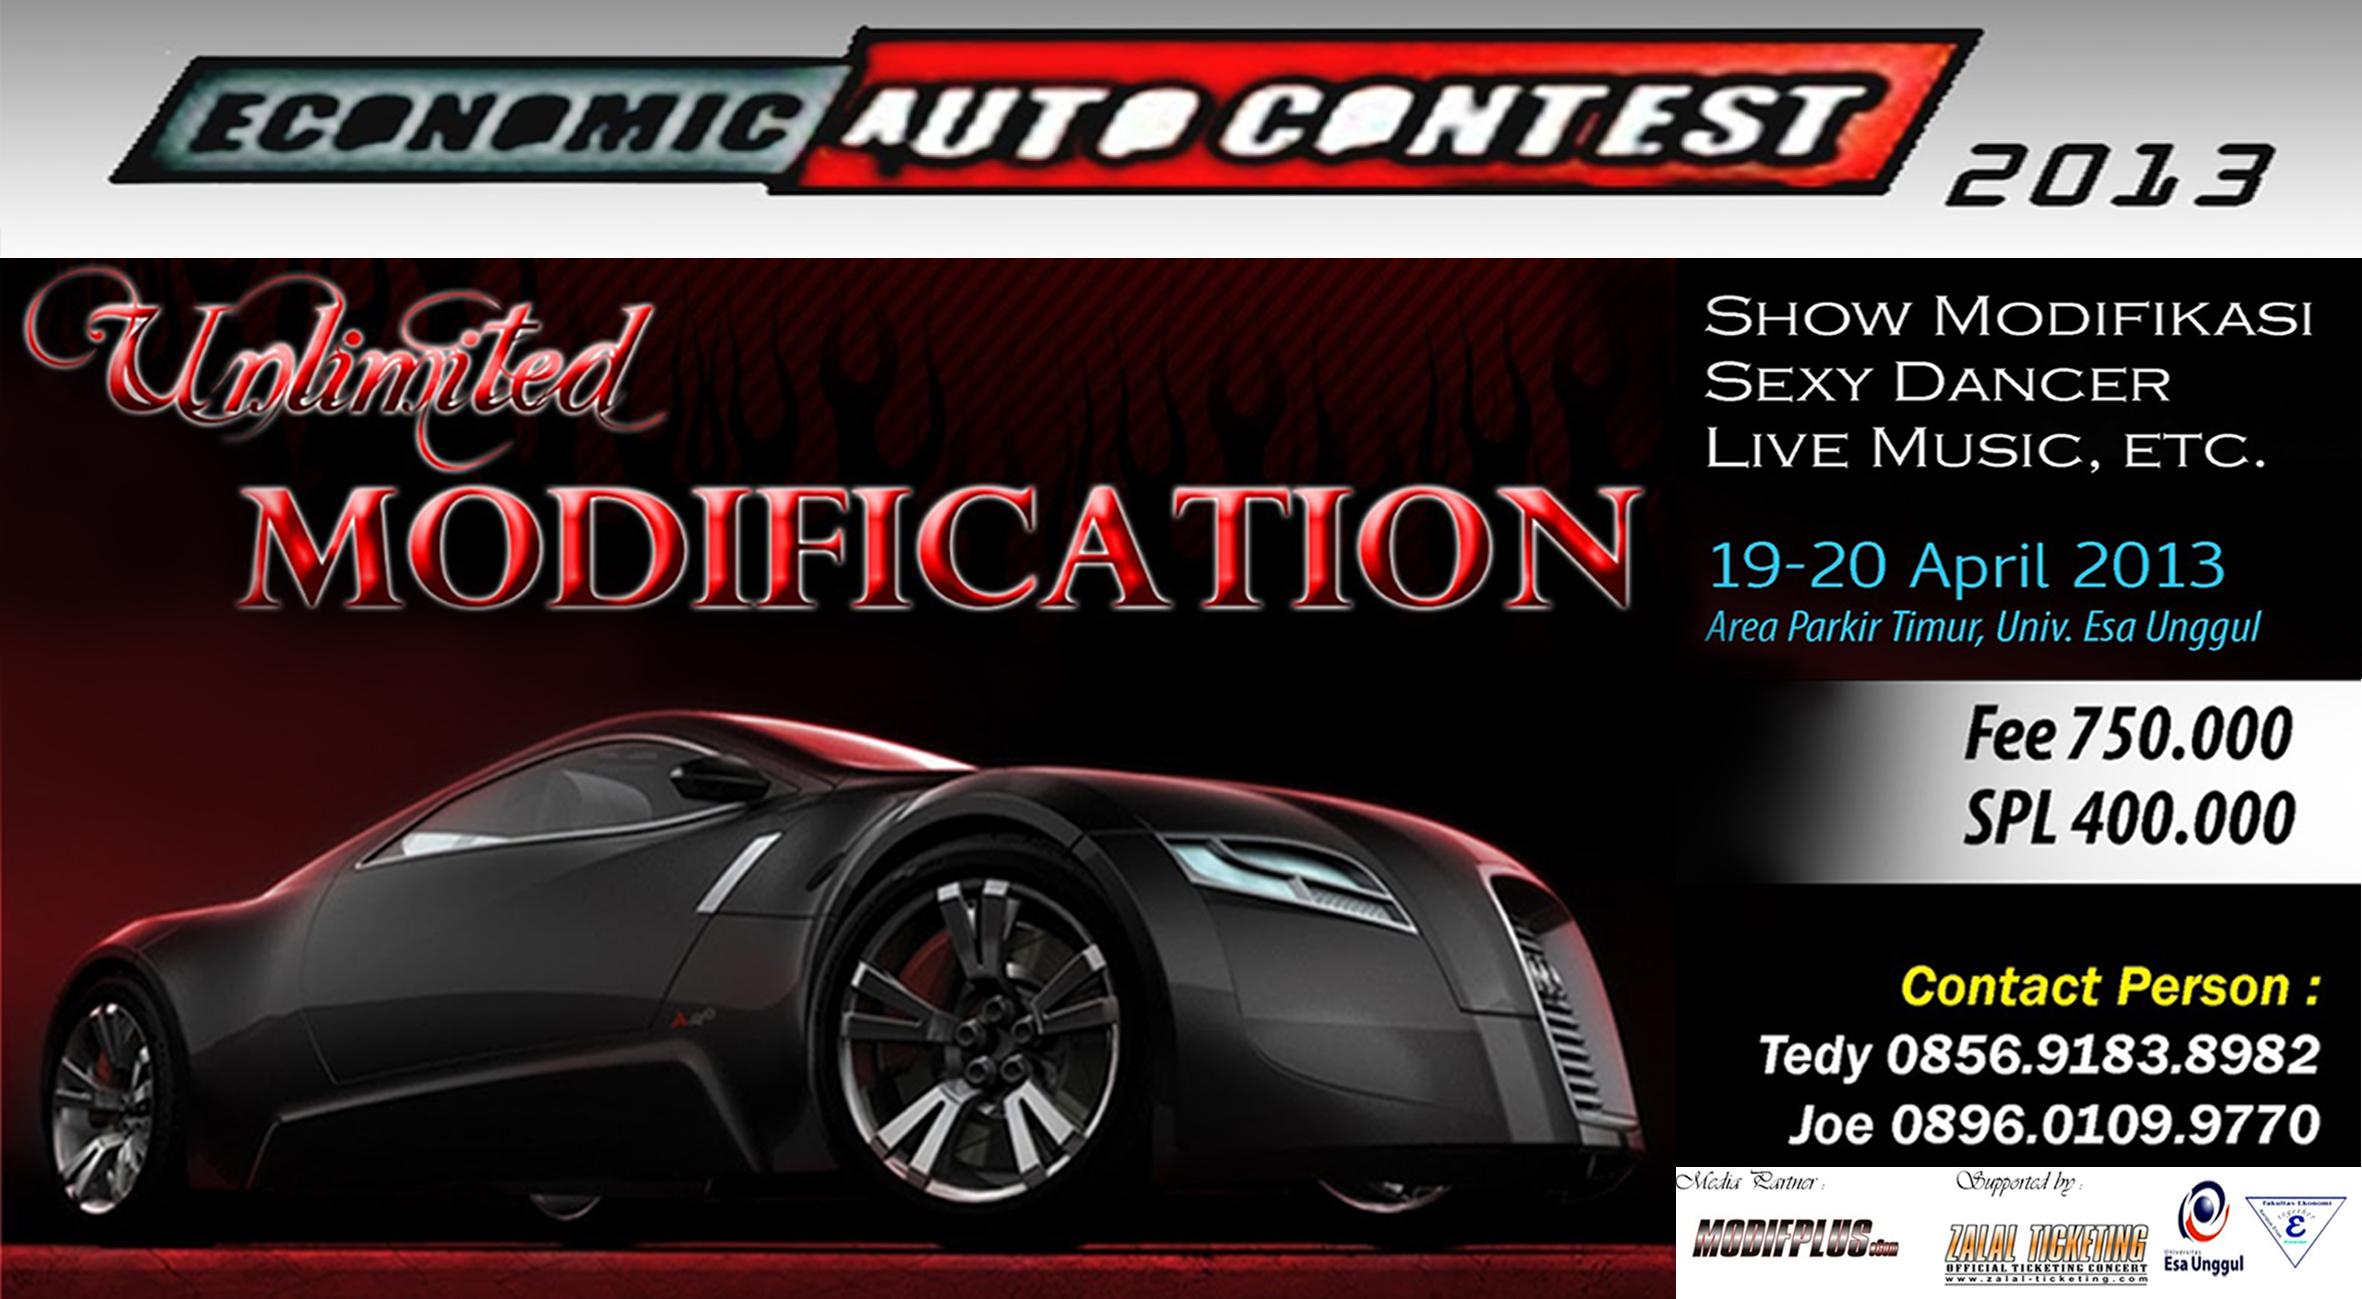 Semarak Economic Auto Contest 2013 – Unlimited Modification